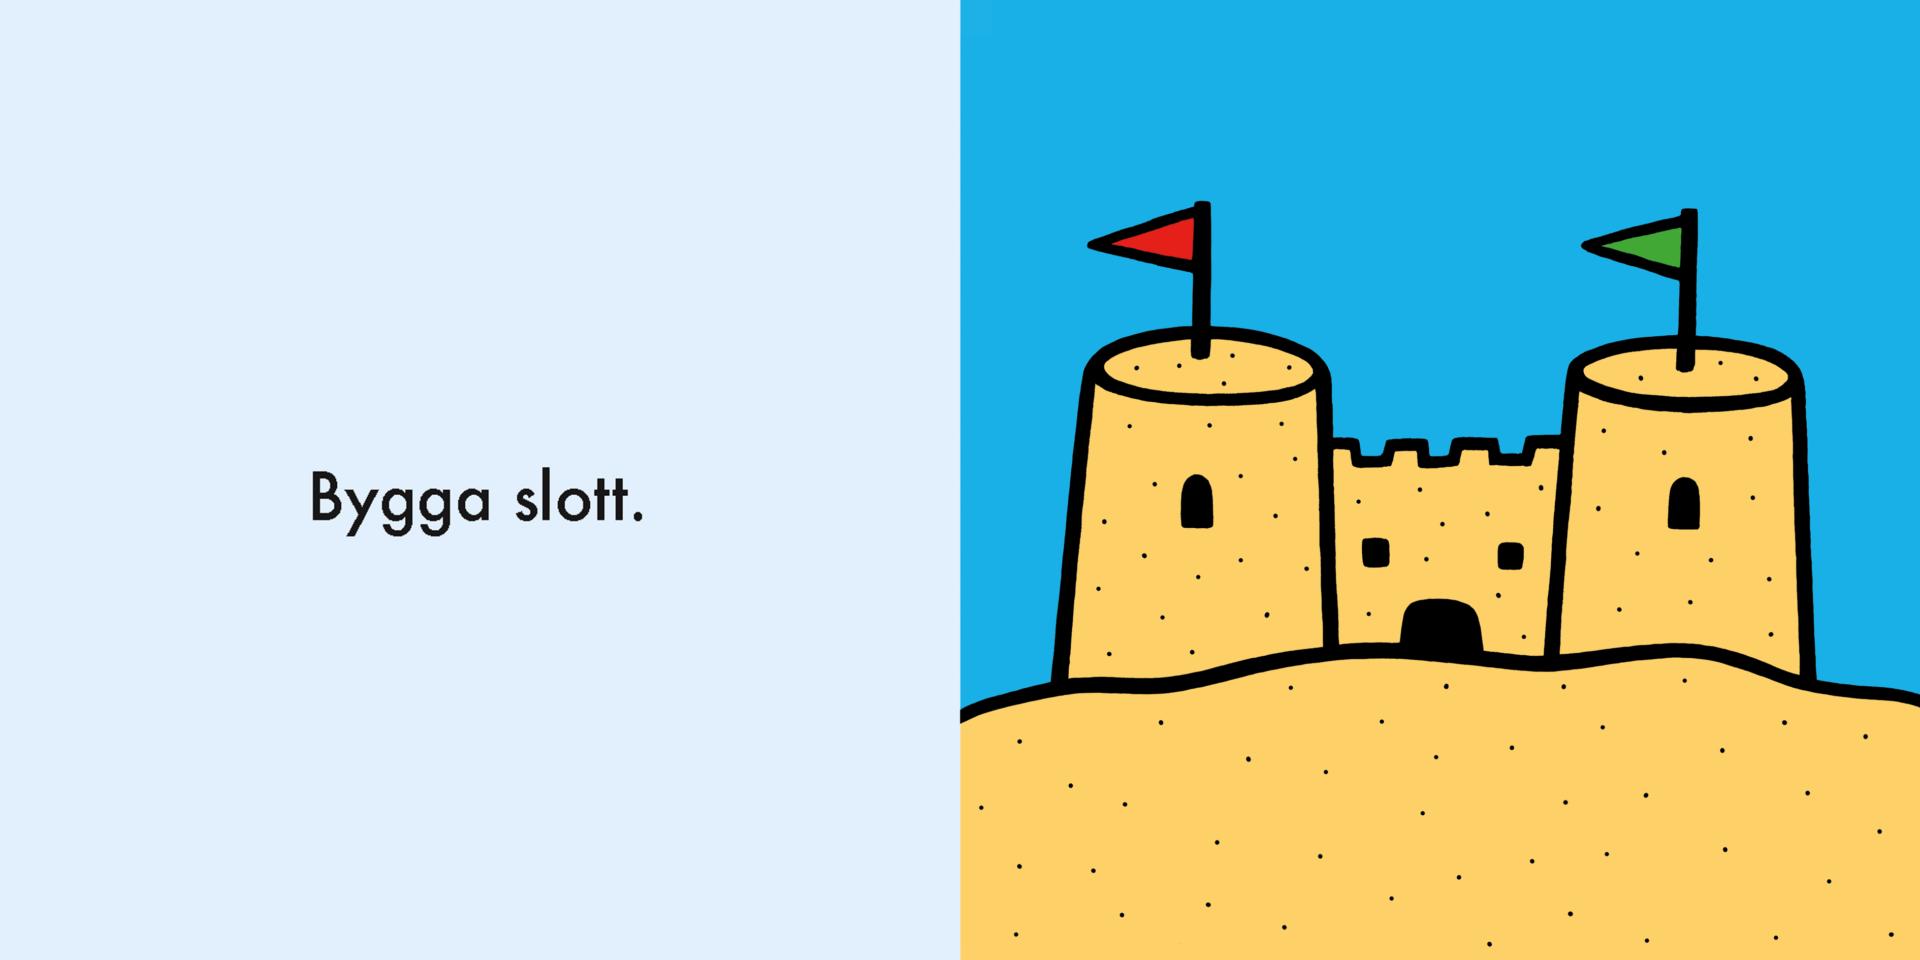 Bygga slott